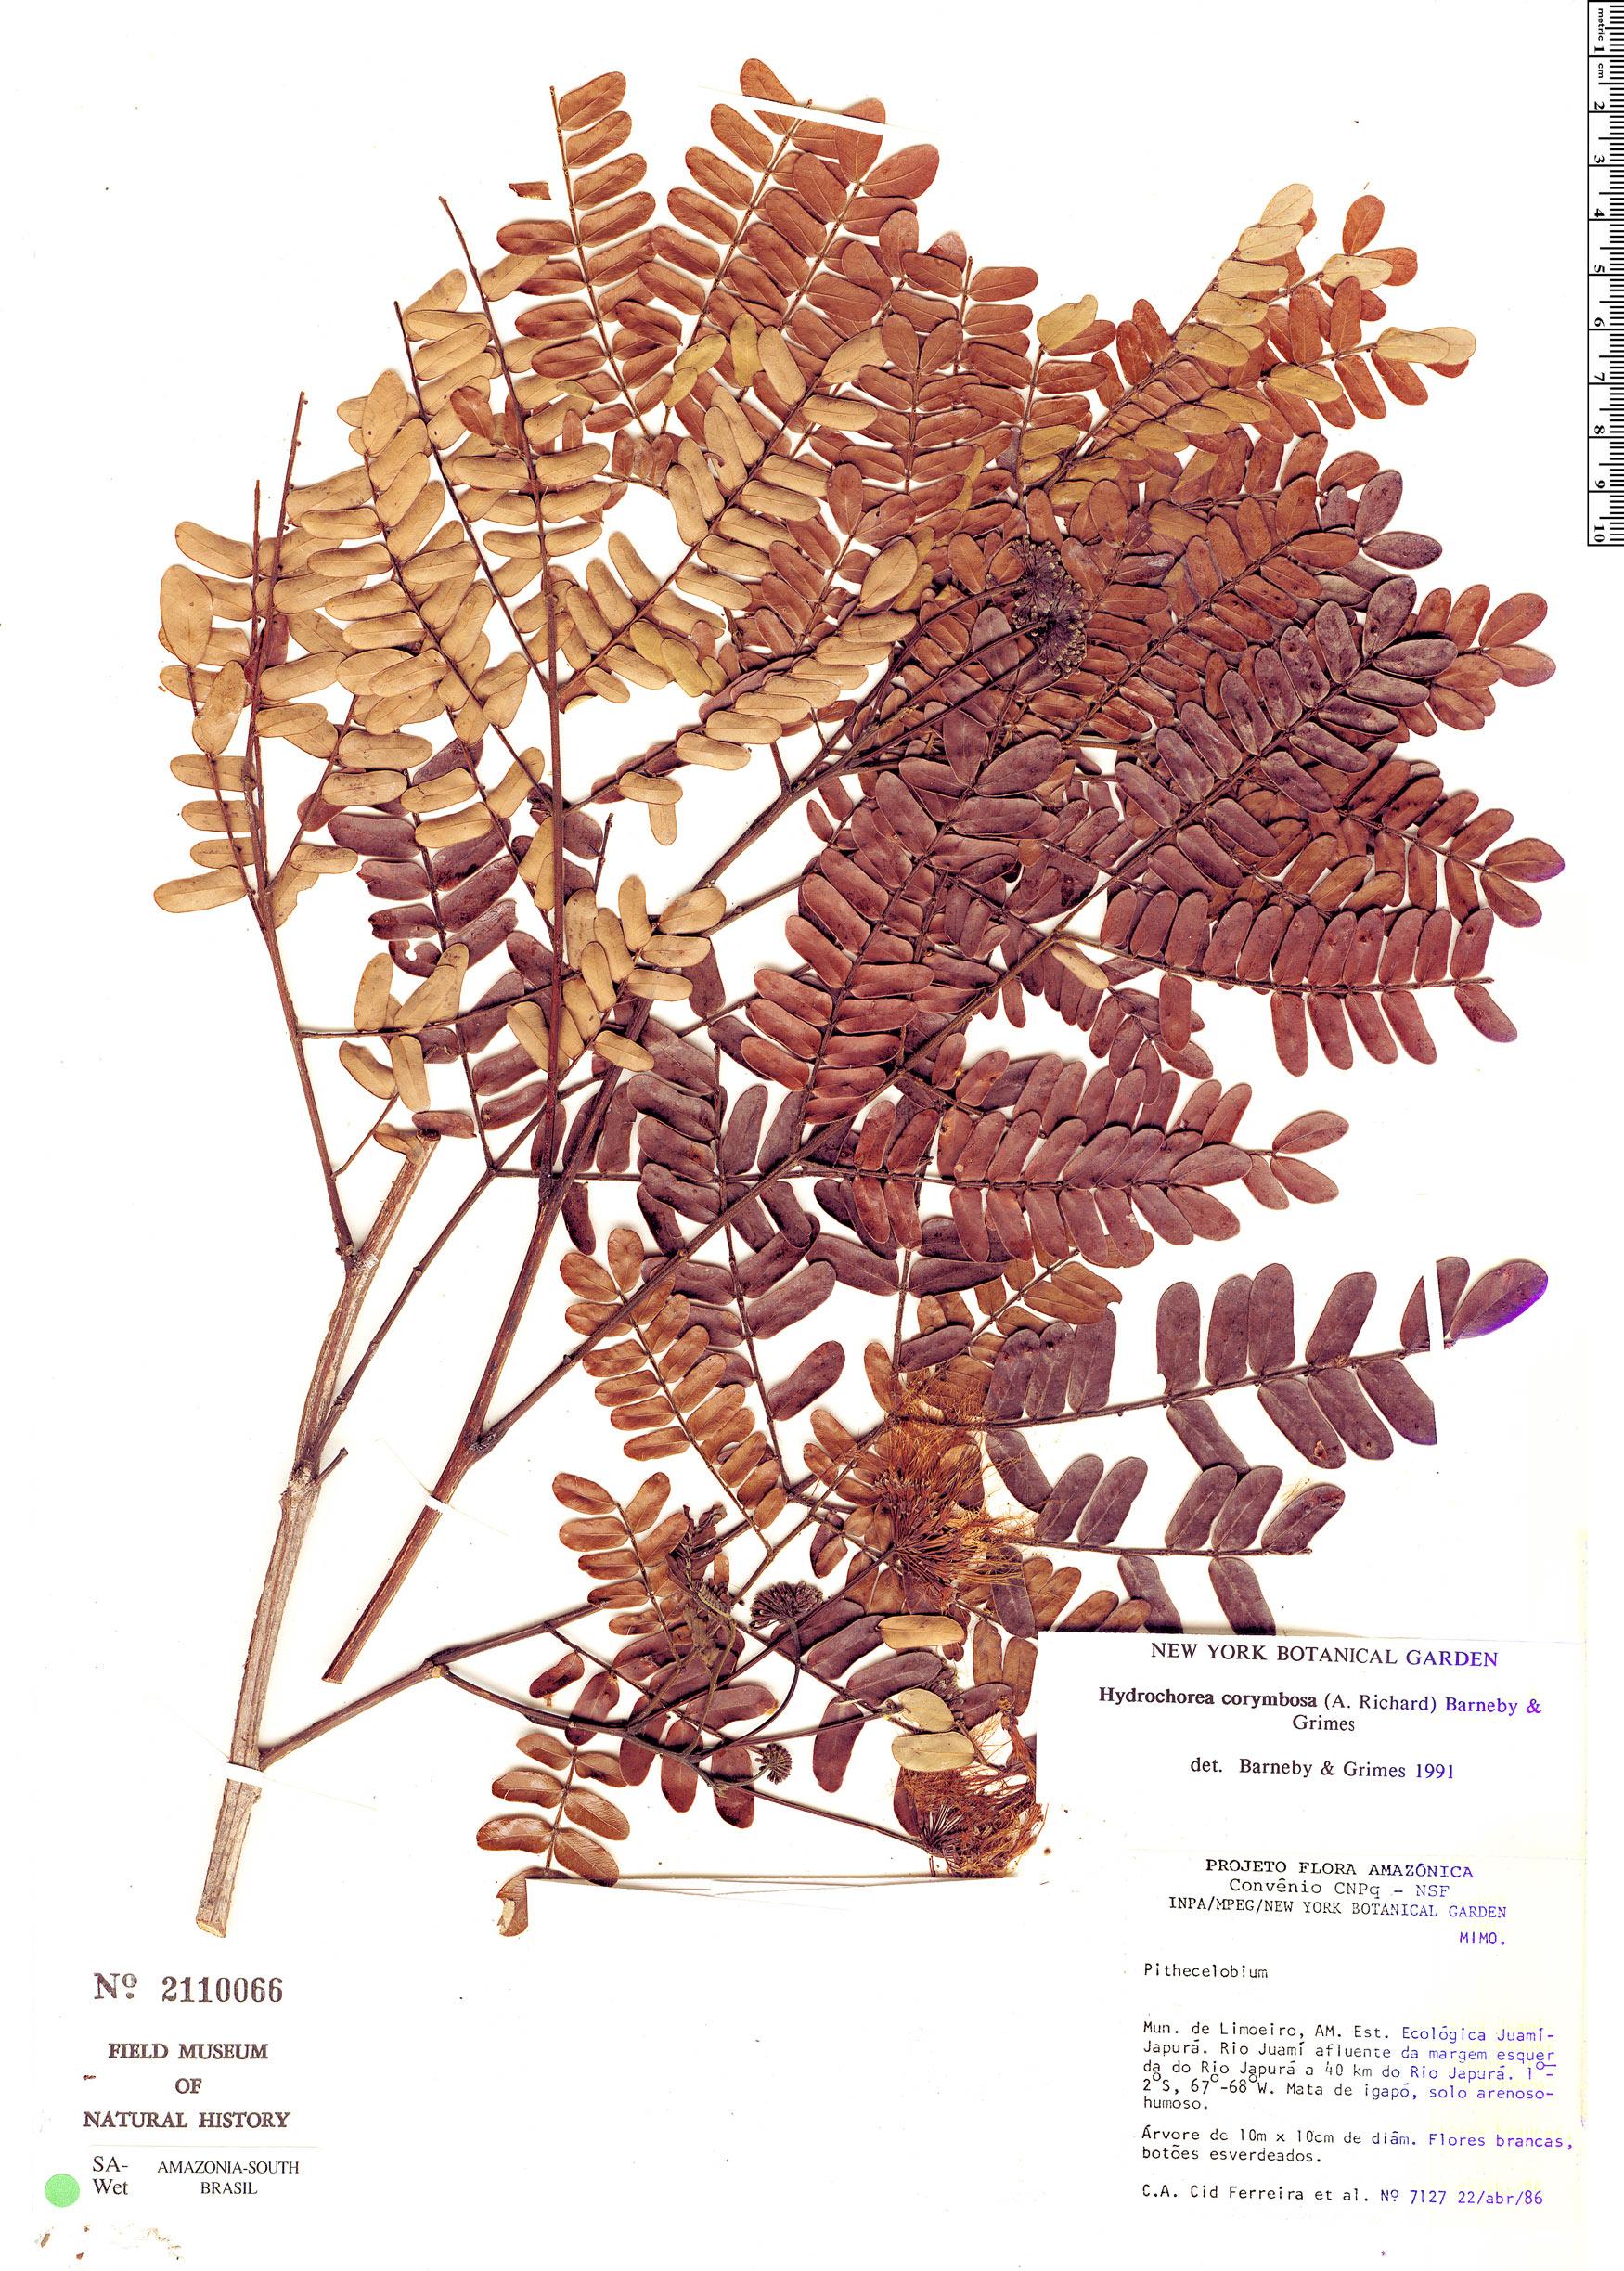 Specimen: Hydrochorea corymbosa